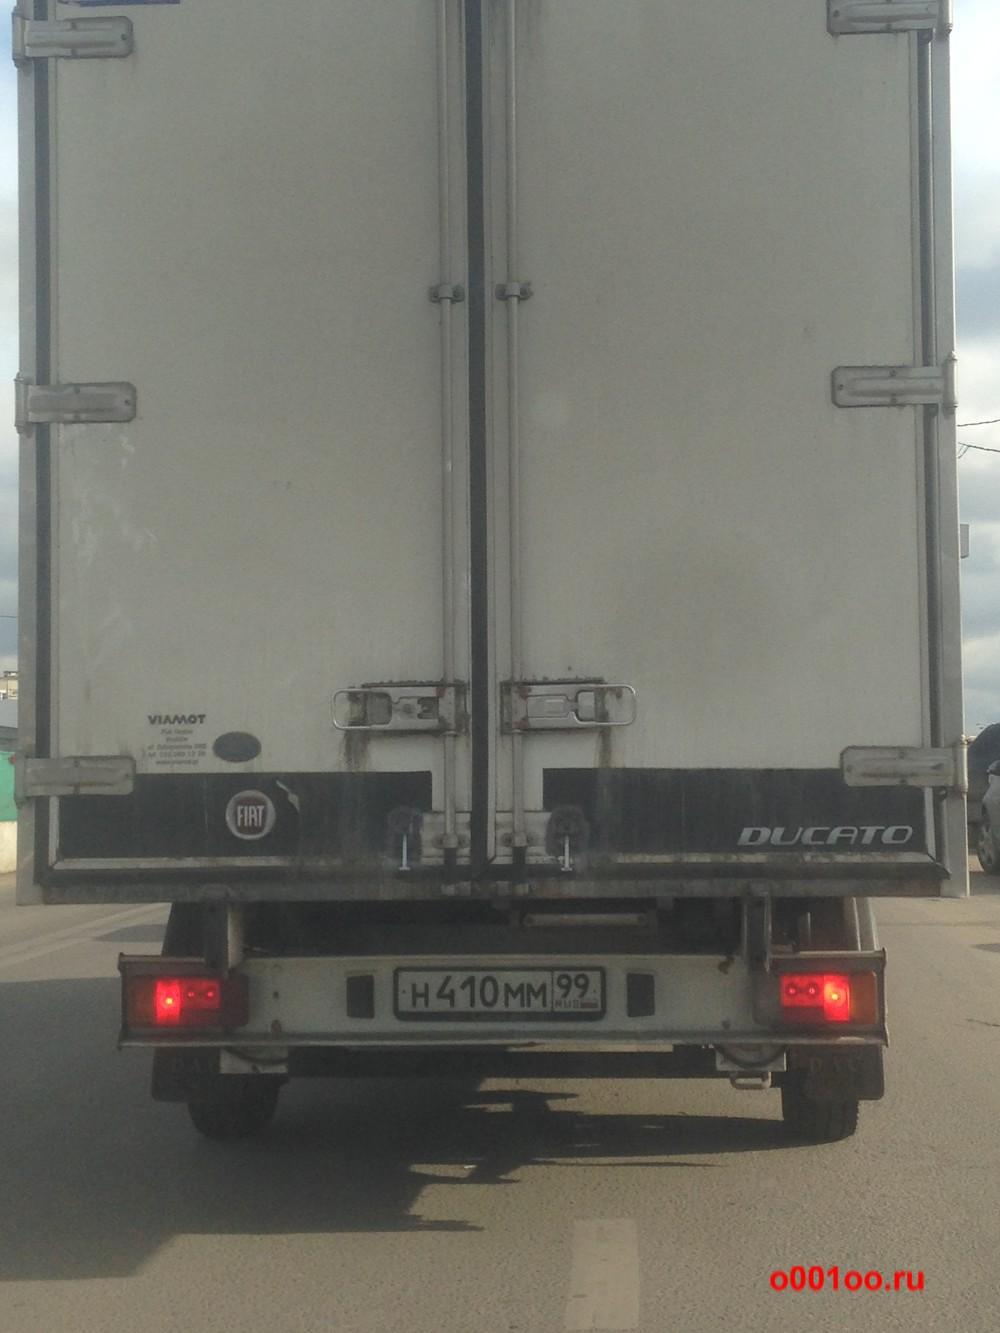 н410мм99